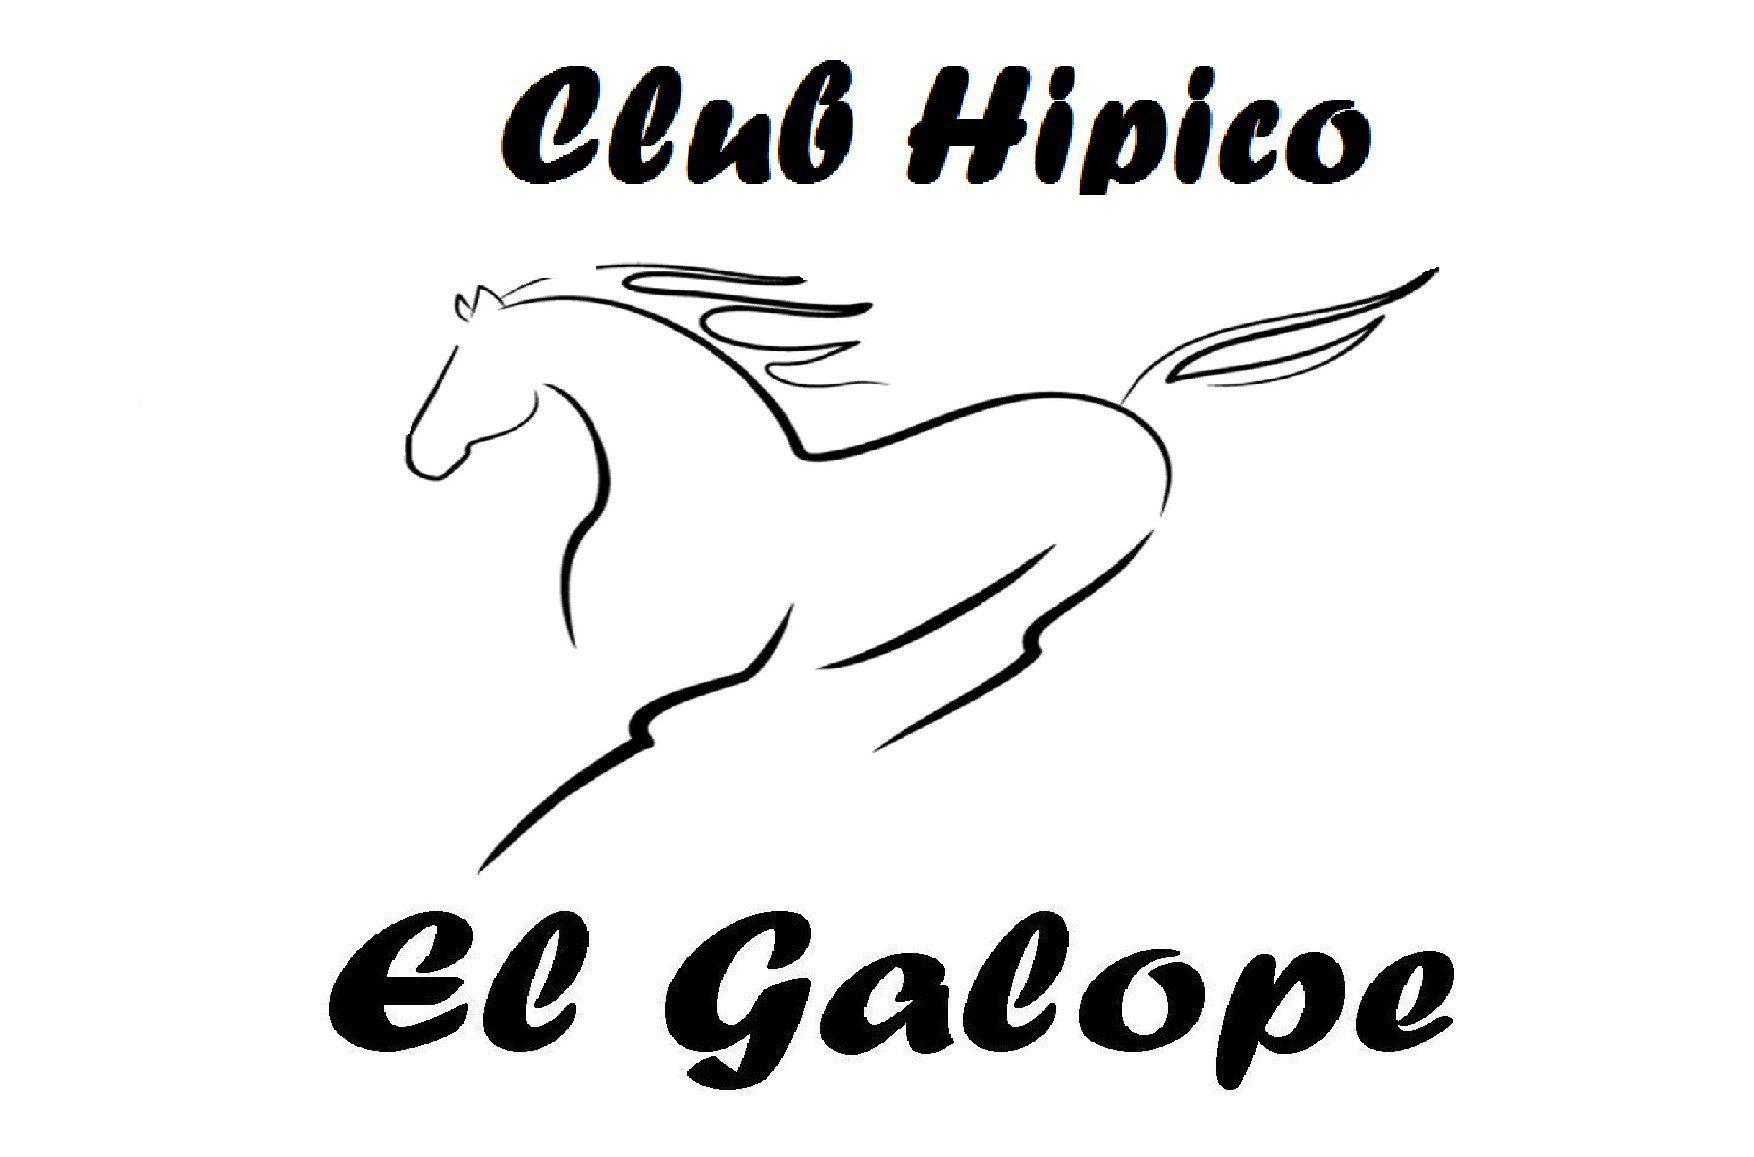 Club Hípico el galope